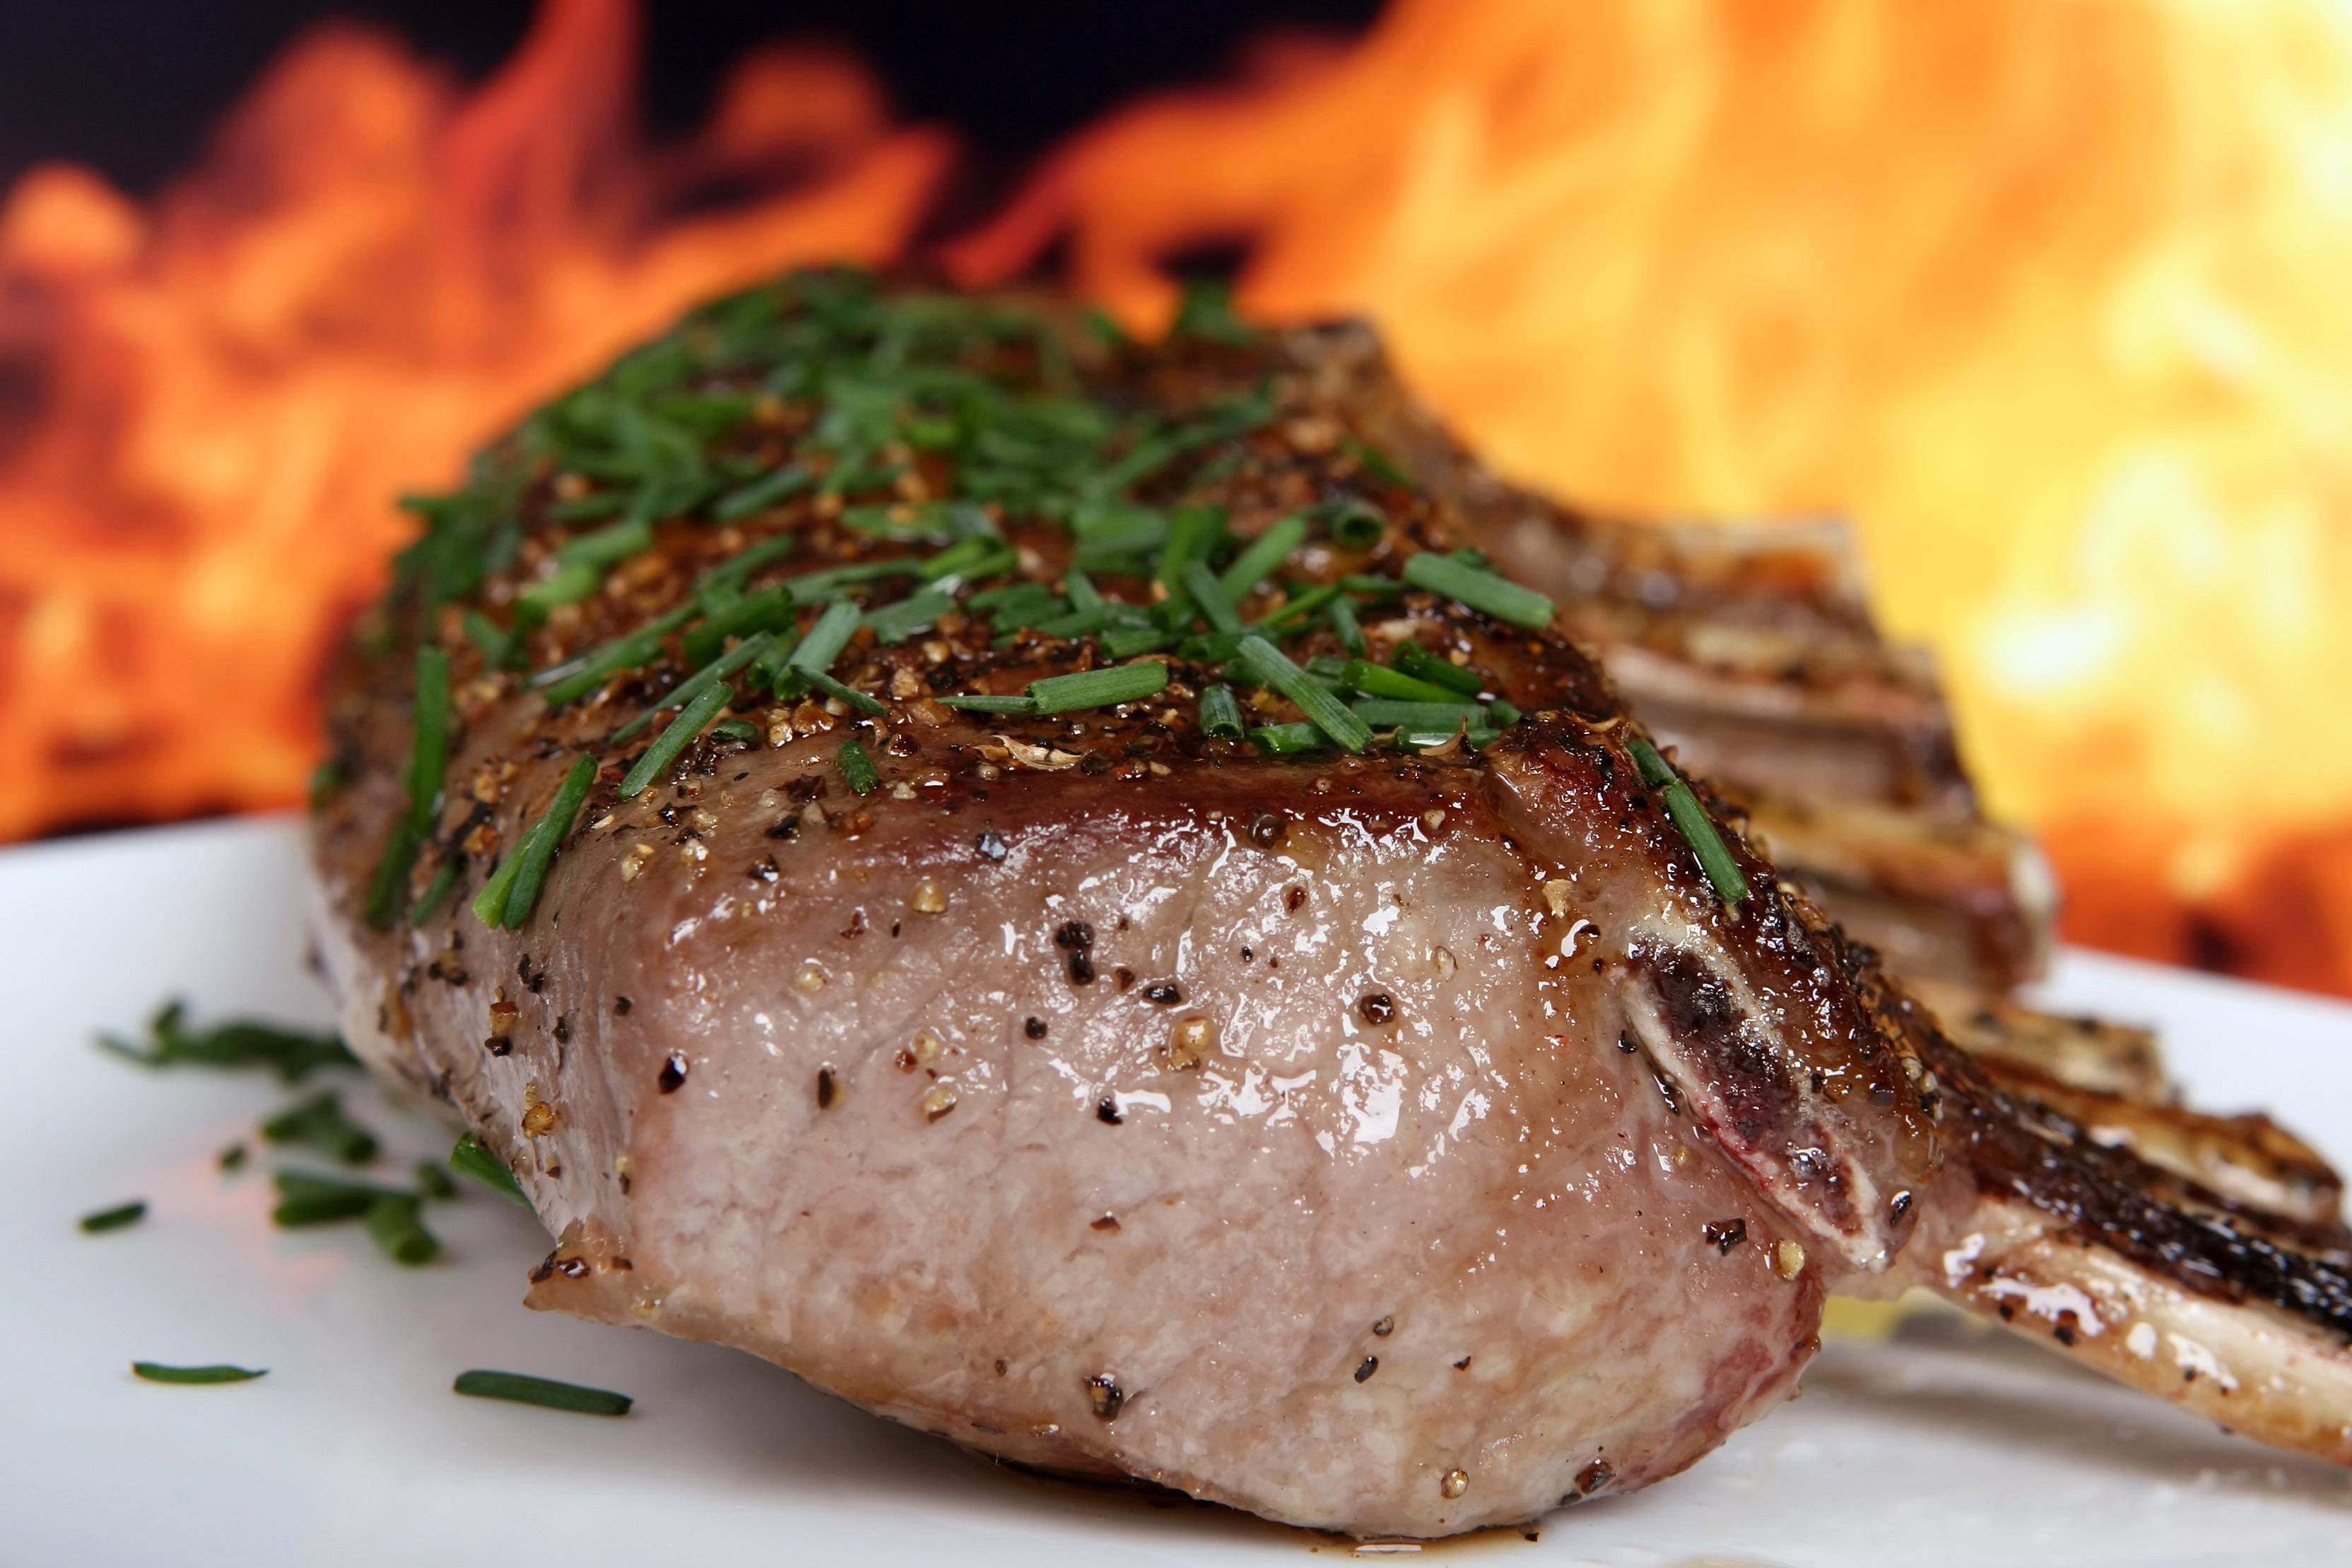 kostenlose bild essen abendessen fleisch mittagessen essen rindfleisch teller steak. Black Bedroom Furniture Sets. Home Design Ideas